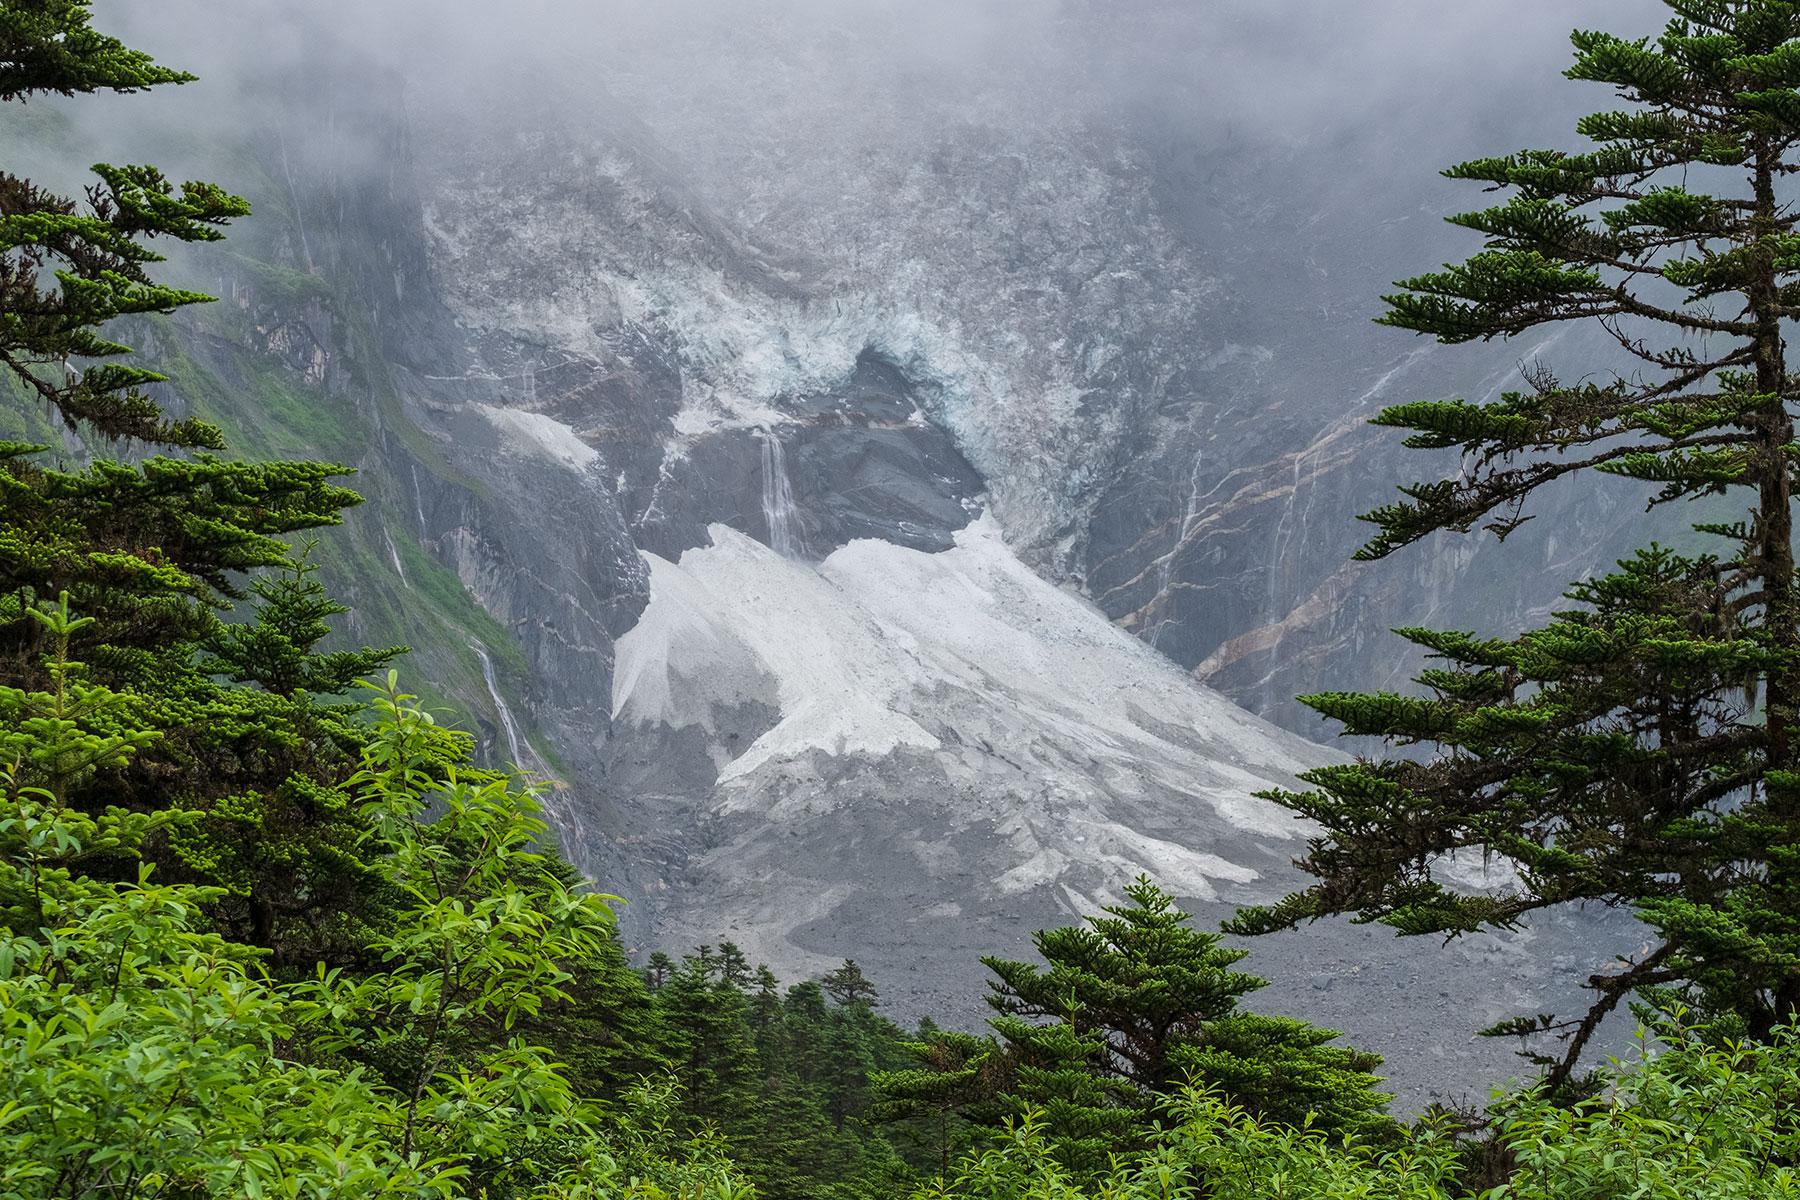 Blick auf Gletscher im Vogel im Hailuogou Gletscher Park in Sichuan